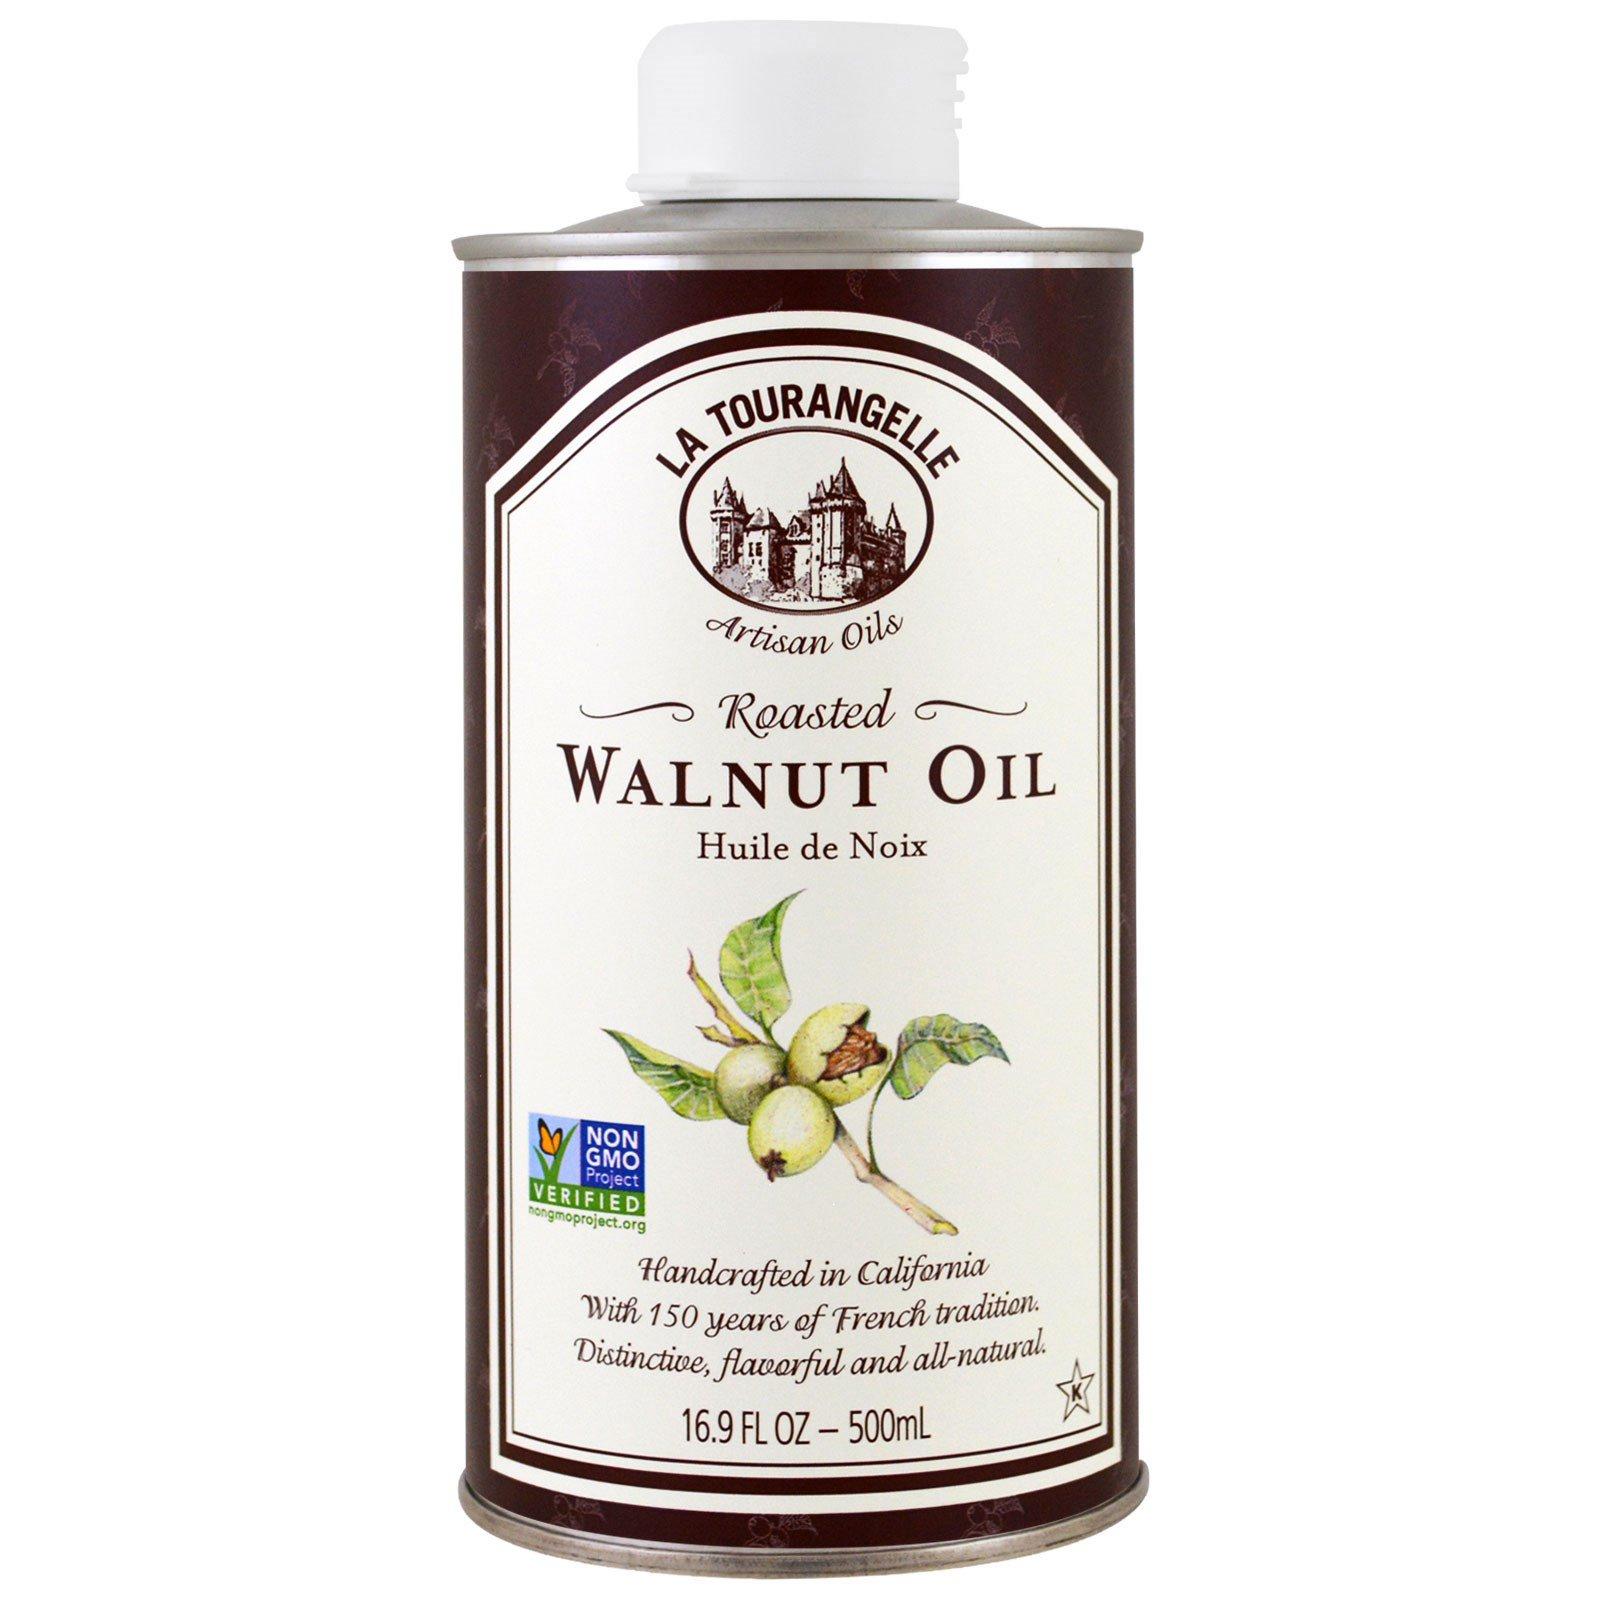 huile de noix walnut oil la tourangelle